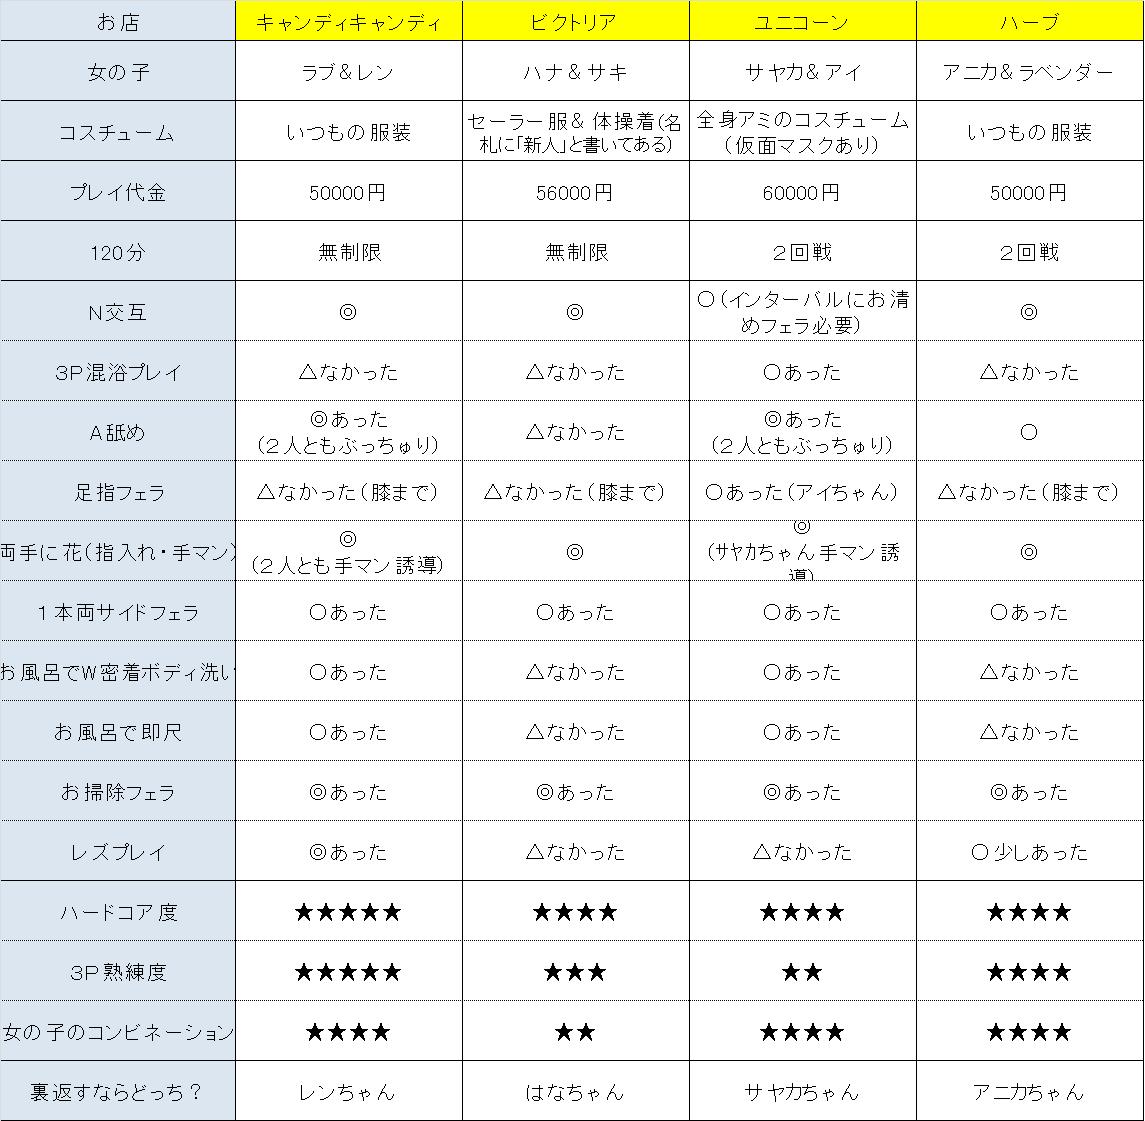 韓デリ初心者向け♪ よくある質問 ※2015/5/8更新